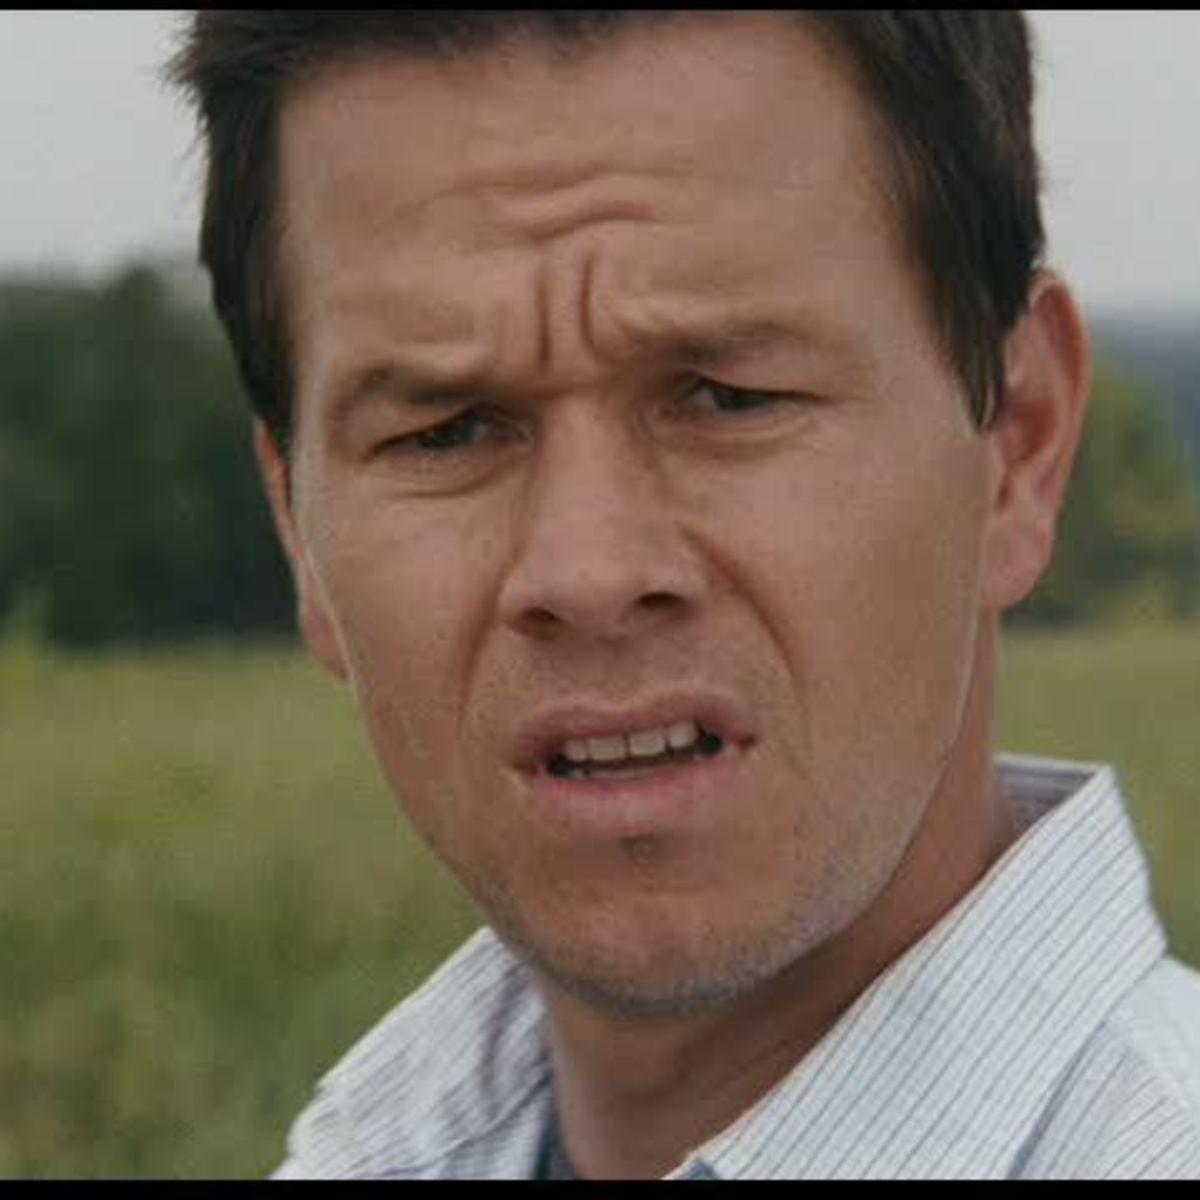 Wahlberg-The-Happening.jpg